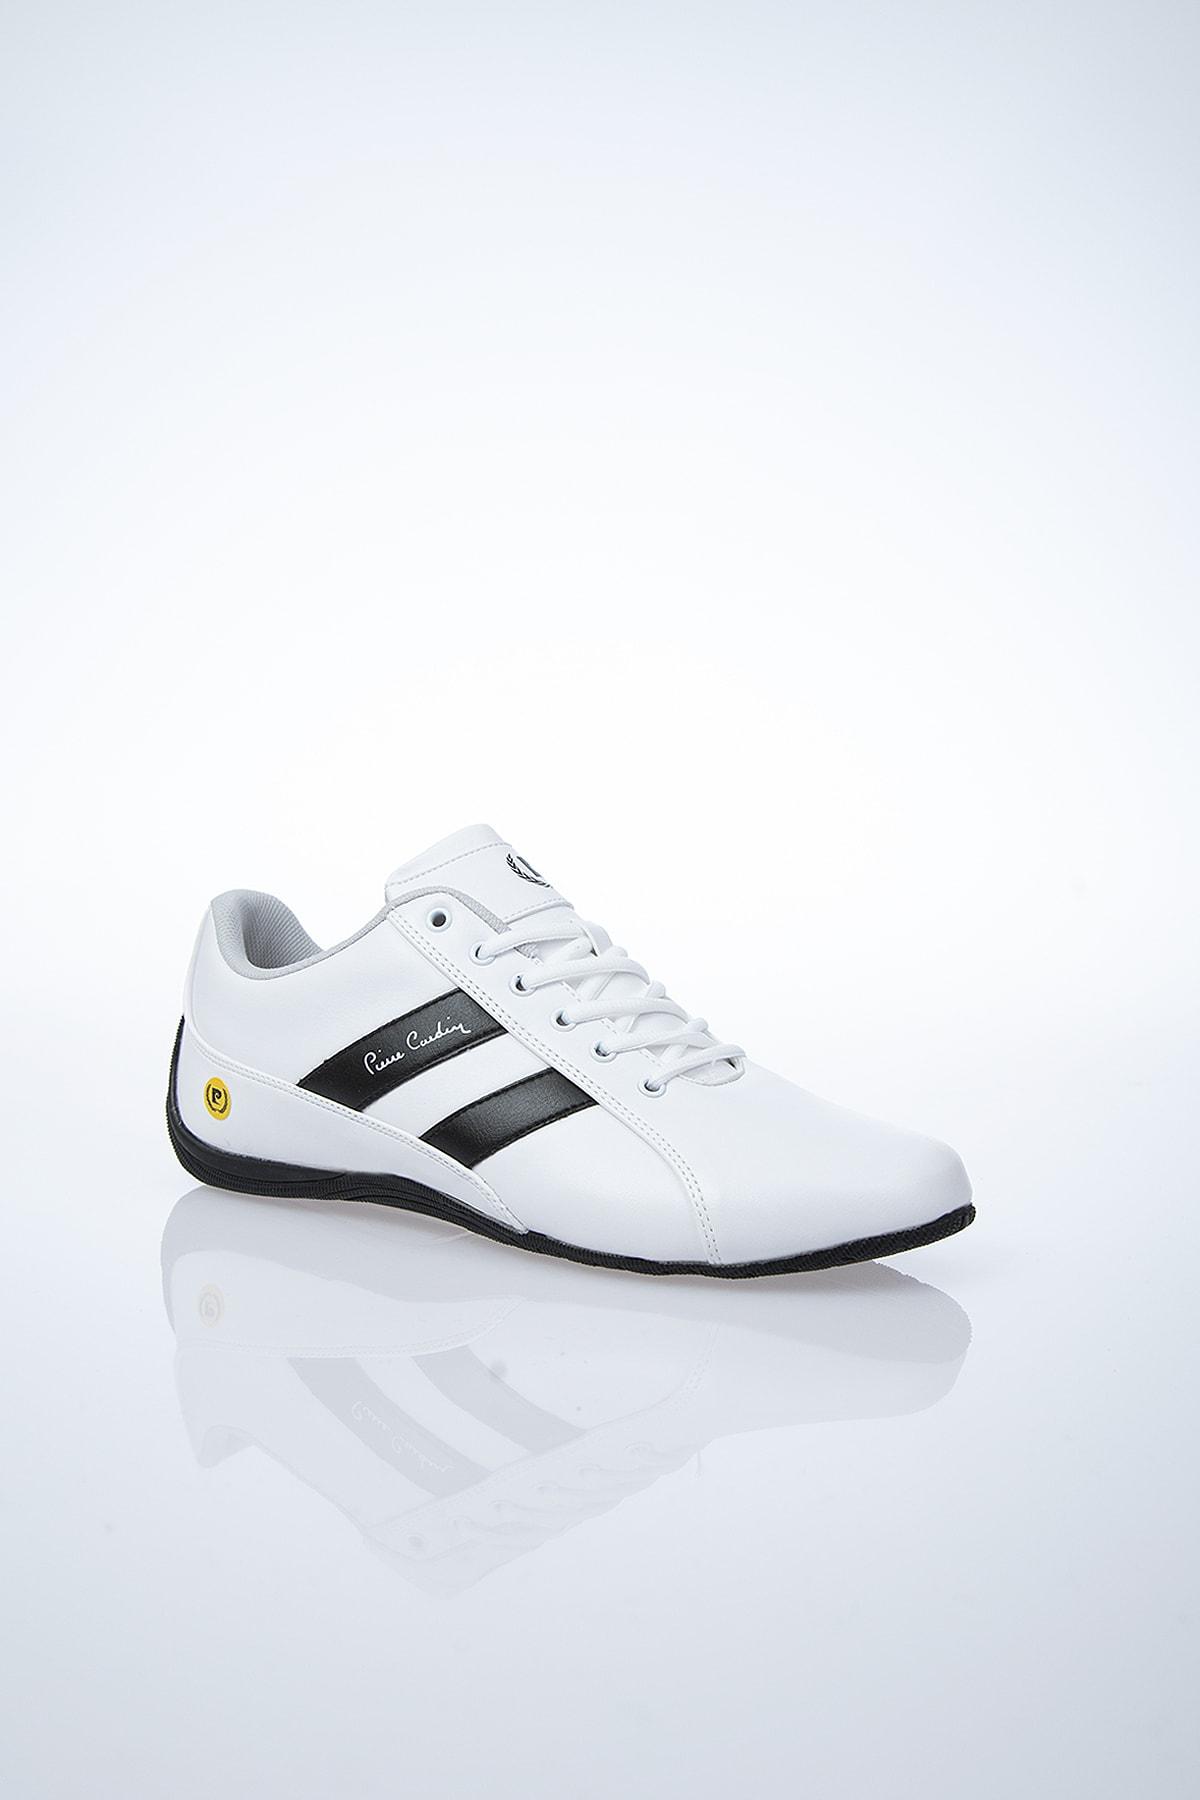 Pierre Cardin Erkek Beyaz Sneaker Pc-30490 - 3319-19 2